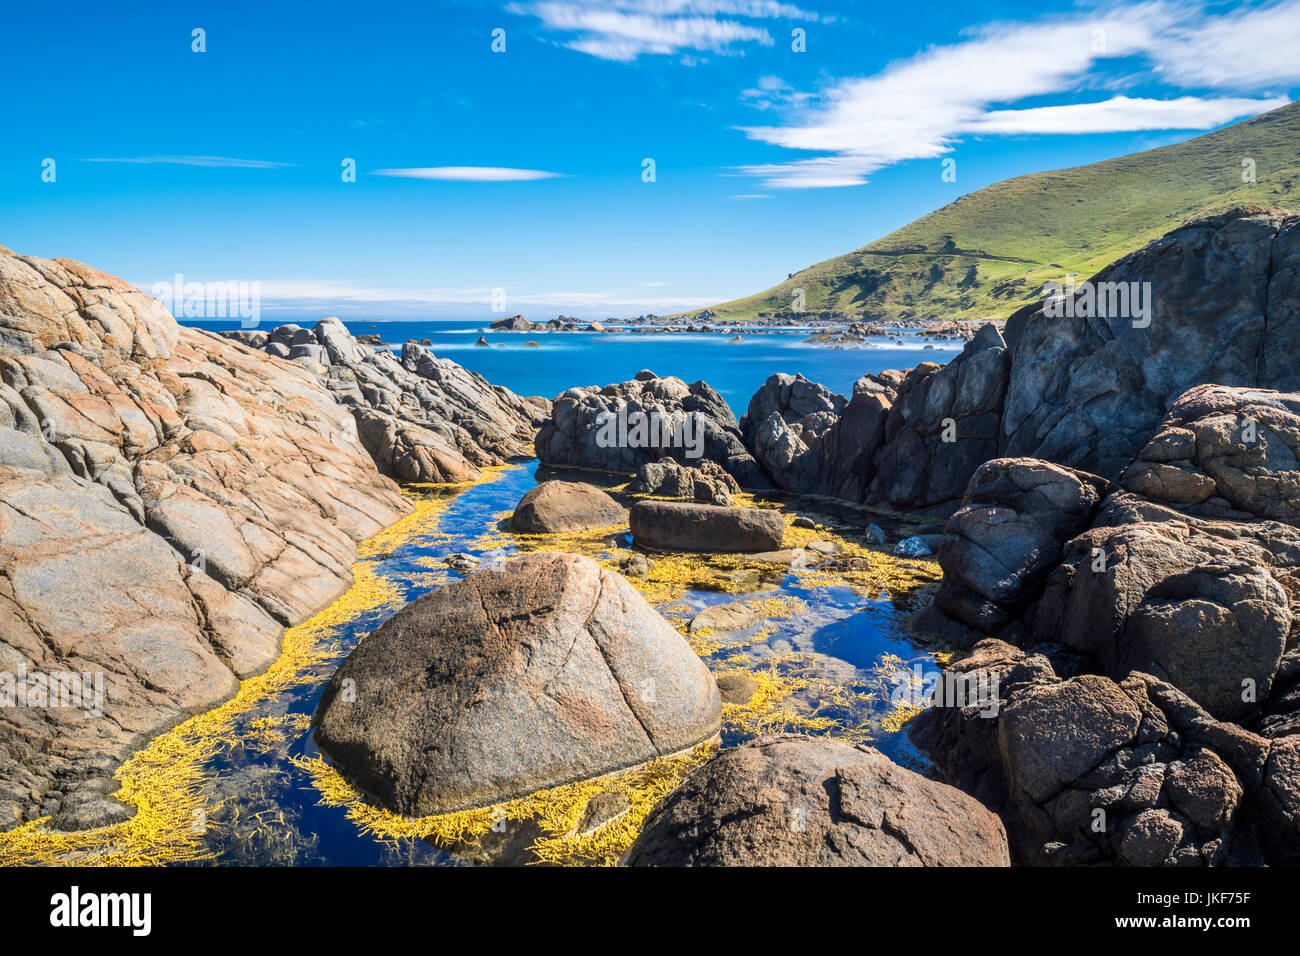 Nouvelle Zélande, île du sud, le sud de l'itinéraire touristique, orepuki, cosy nook beach Photo Stock